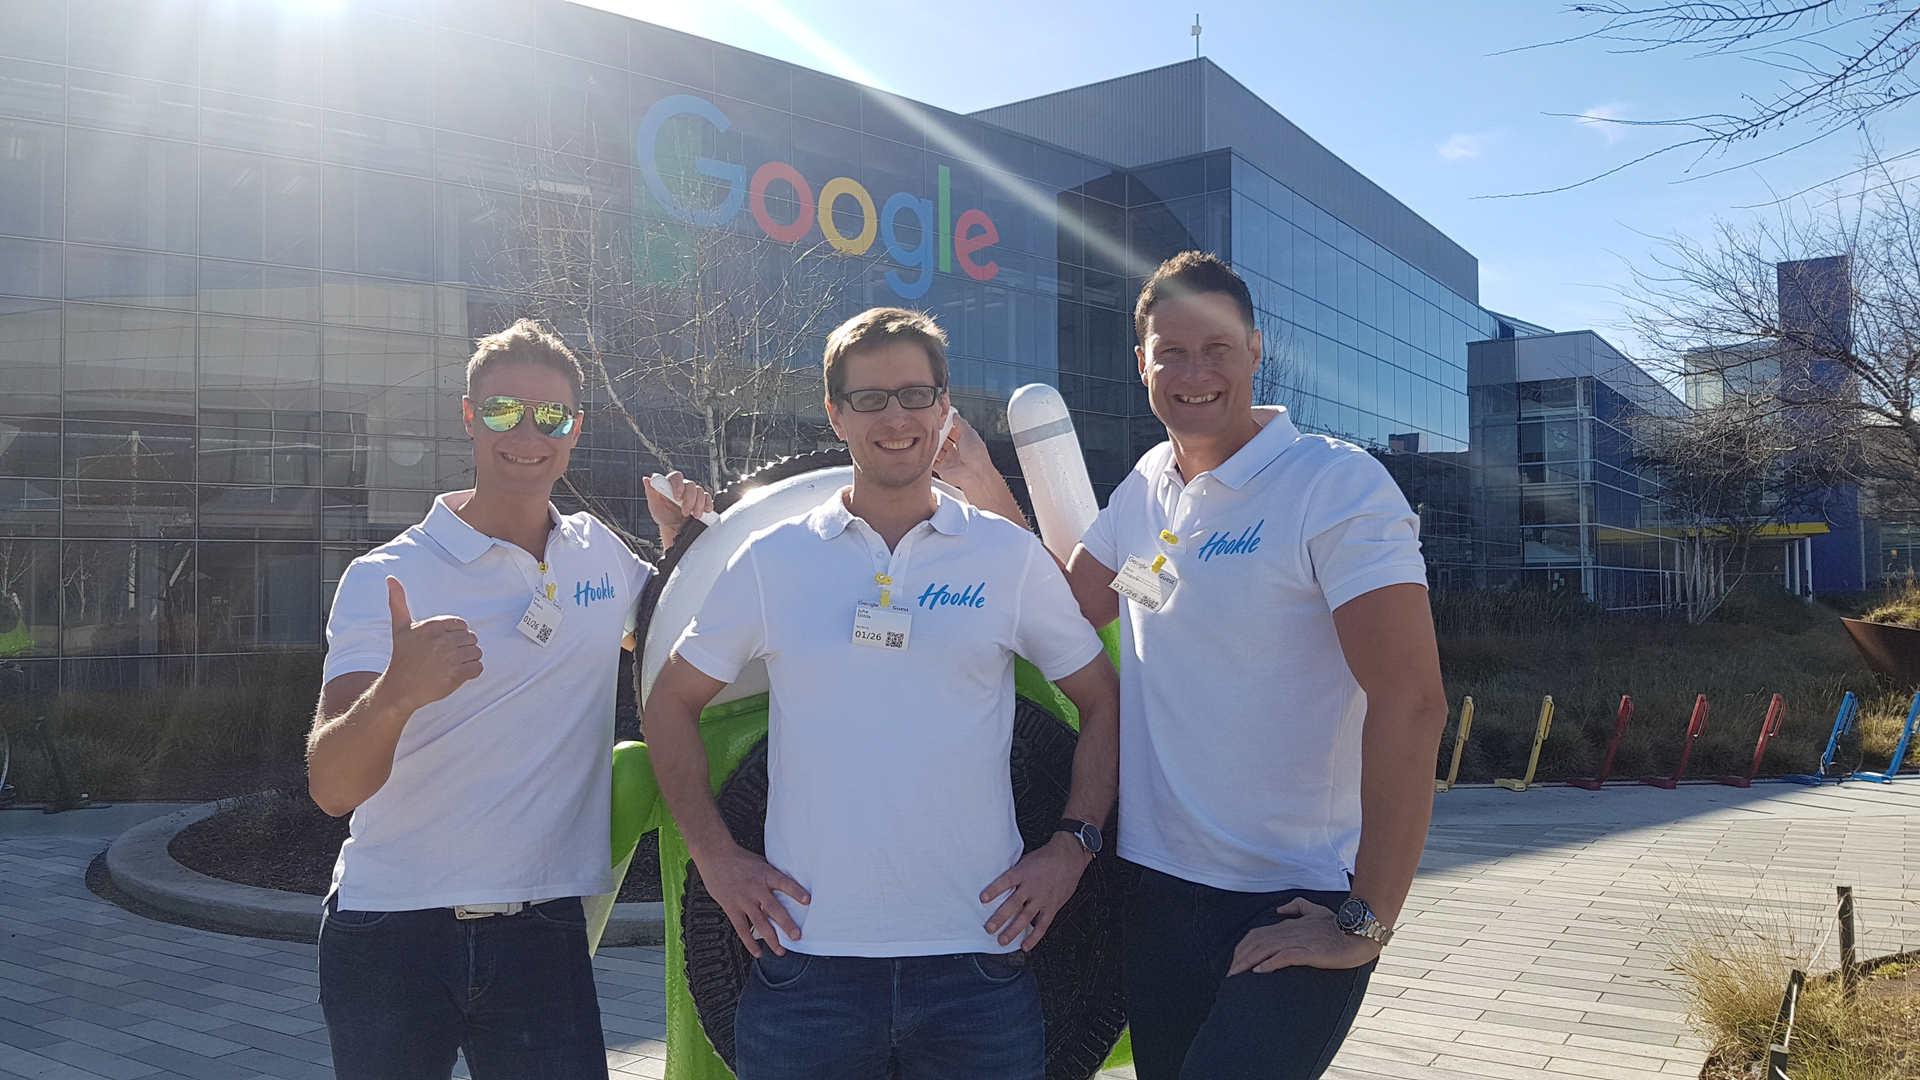 GooglePlex in Palo Alto Jan 2018. From left: Jere Seppala, Juha Uotila, and Tero Seppala